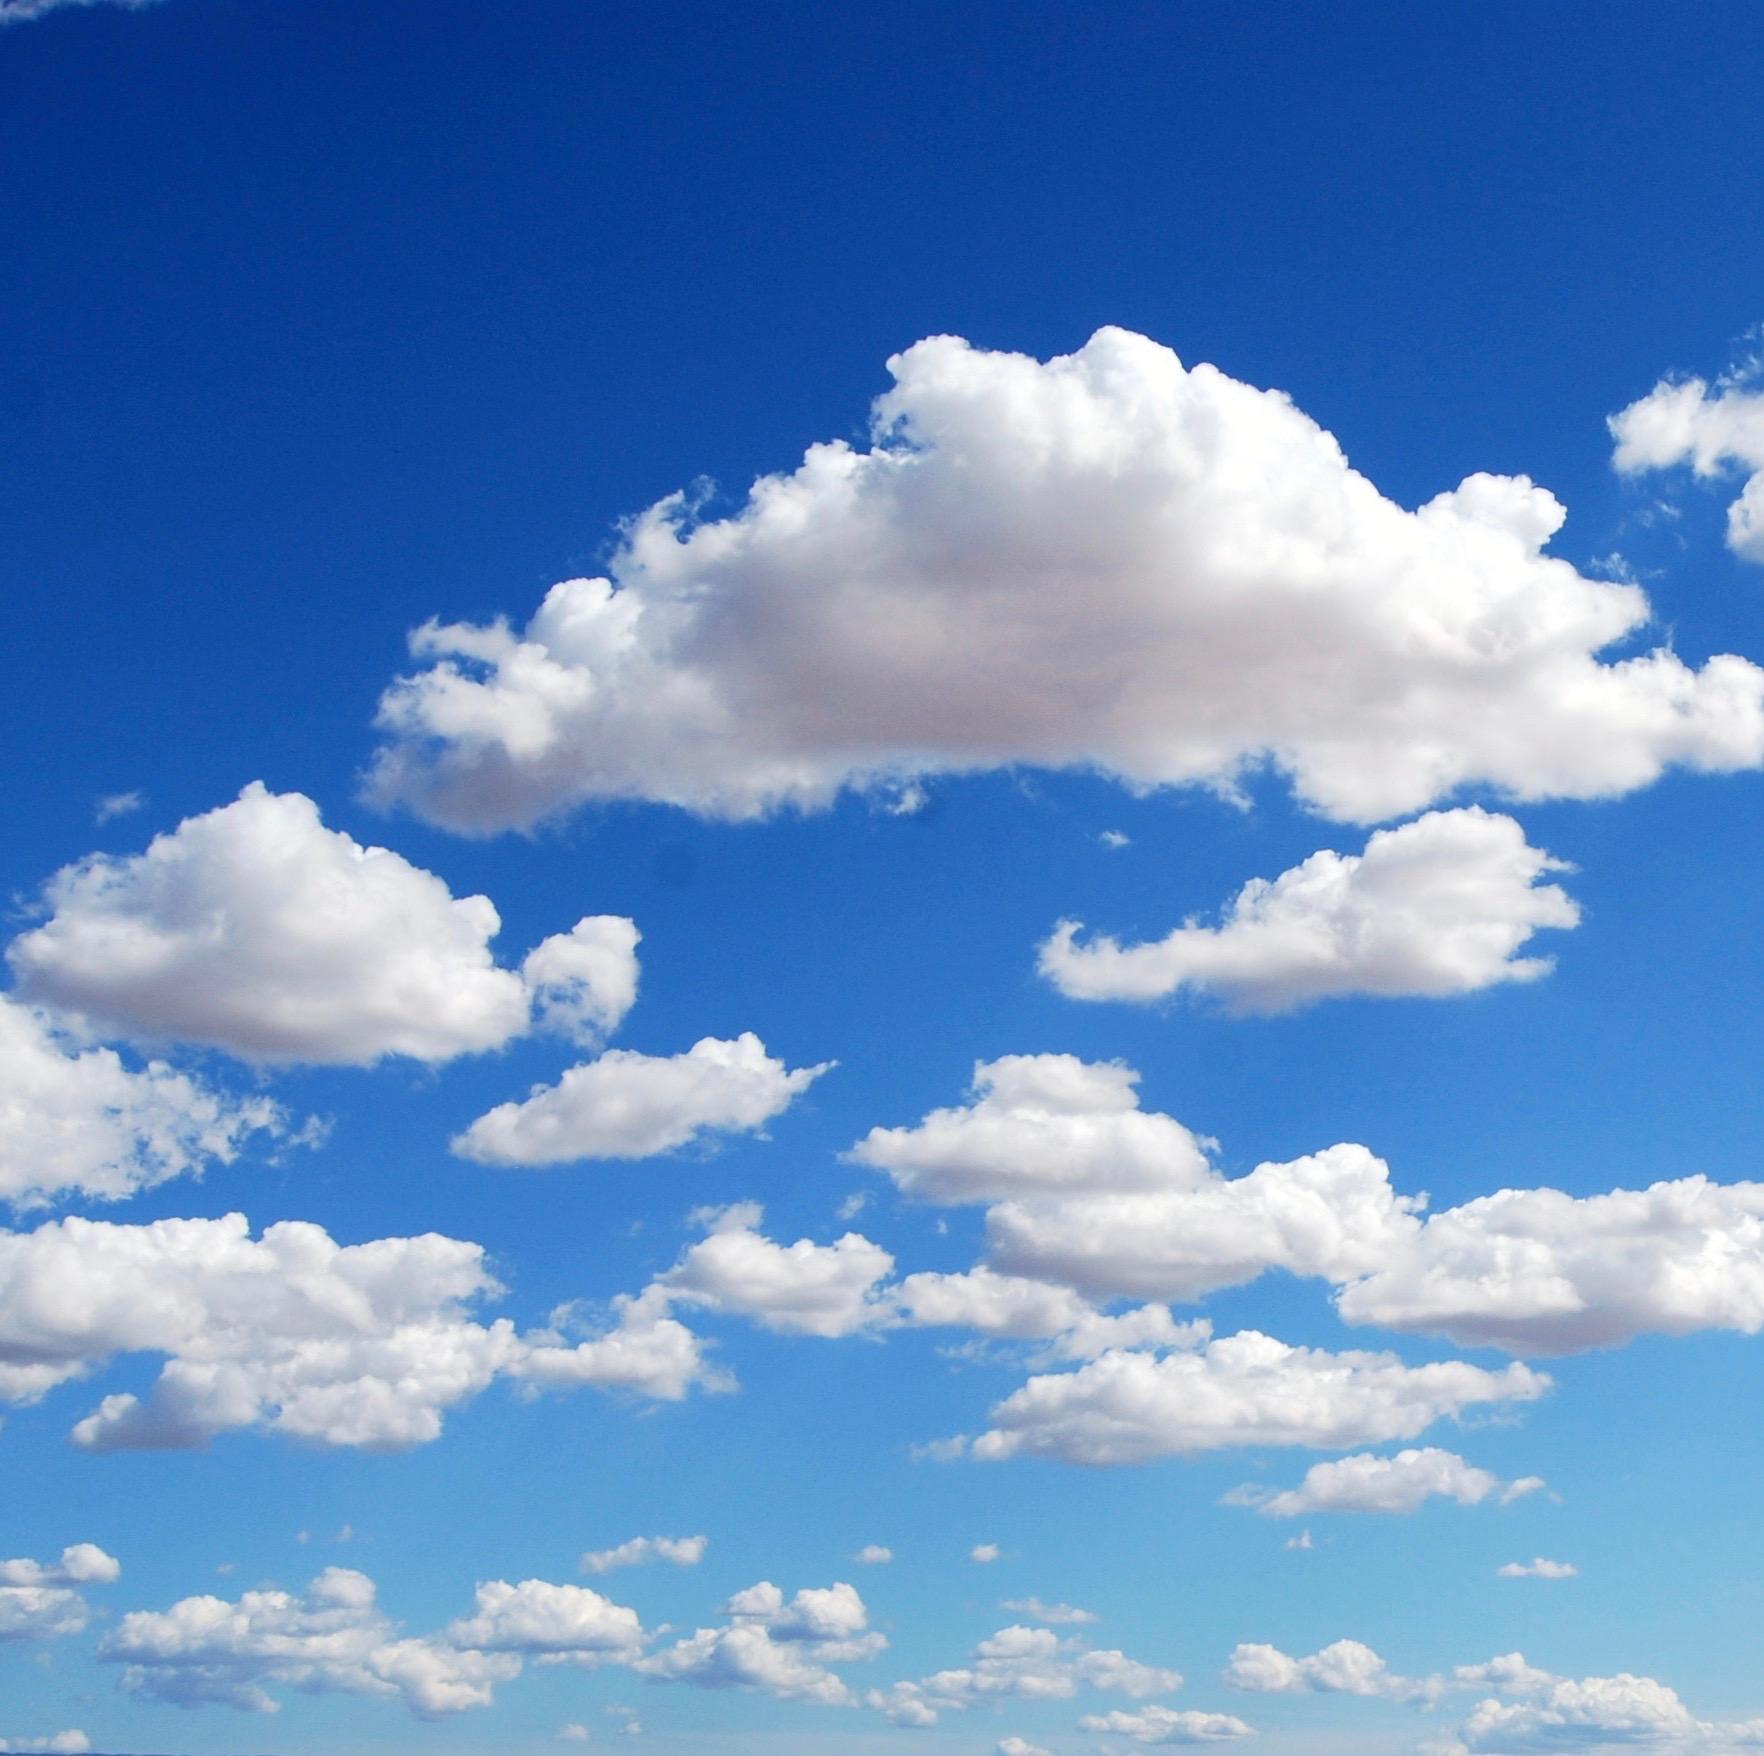 Hình ảnh mây trắng trời xanh rất đẹp